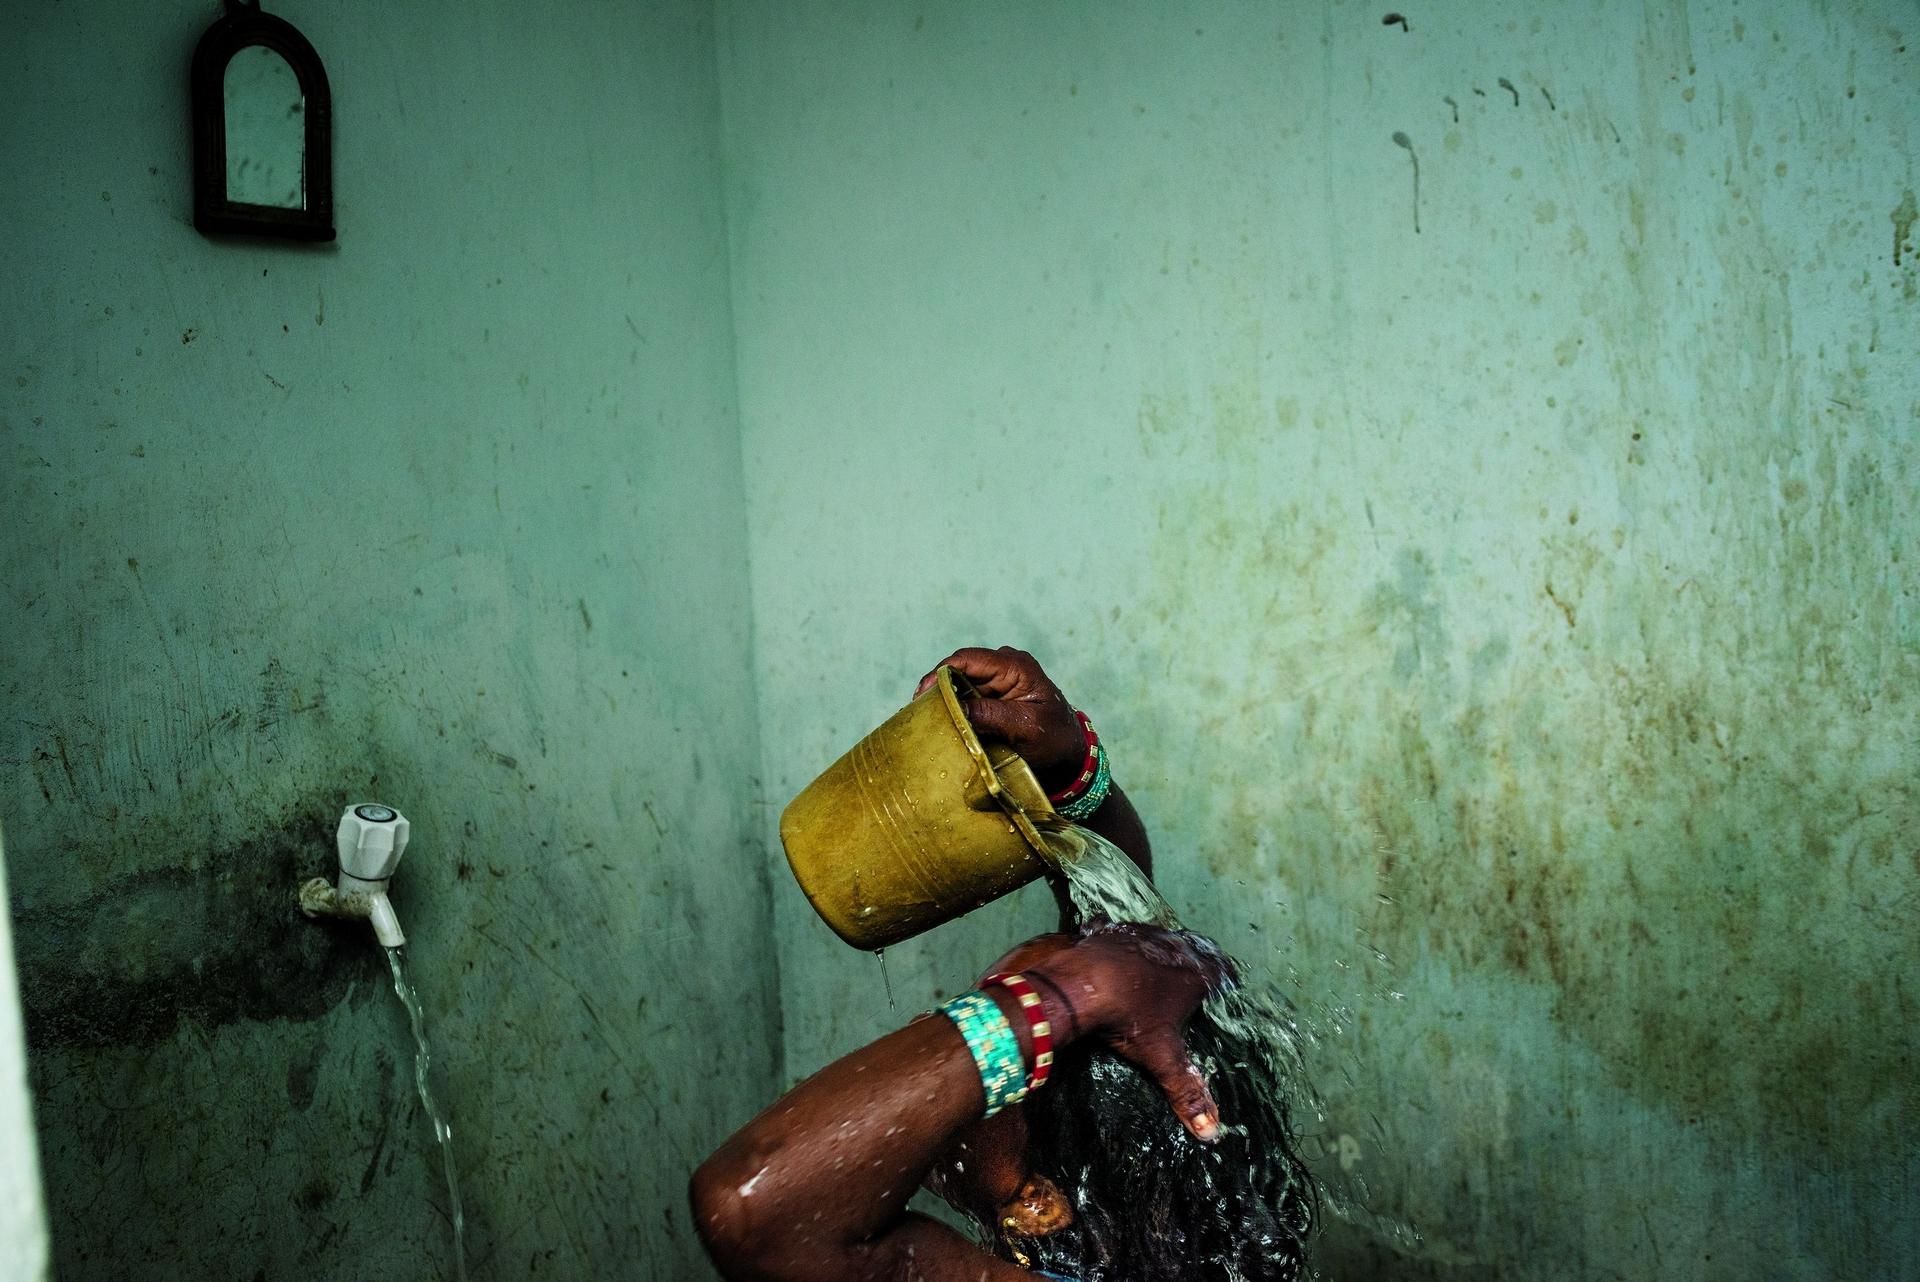 一名女子在印度東部奧里薩邦的布巴內斯瓦爾市附近洗澡。印度大部分的都市家庭──以及82%的農村家庭──都沒有自來水。PHOTO: ANDREA BRUCE